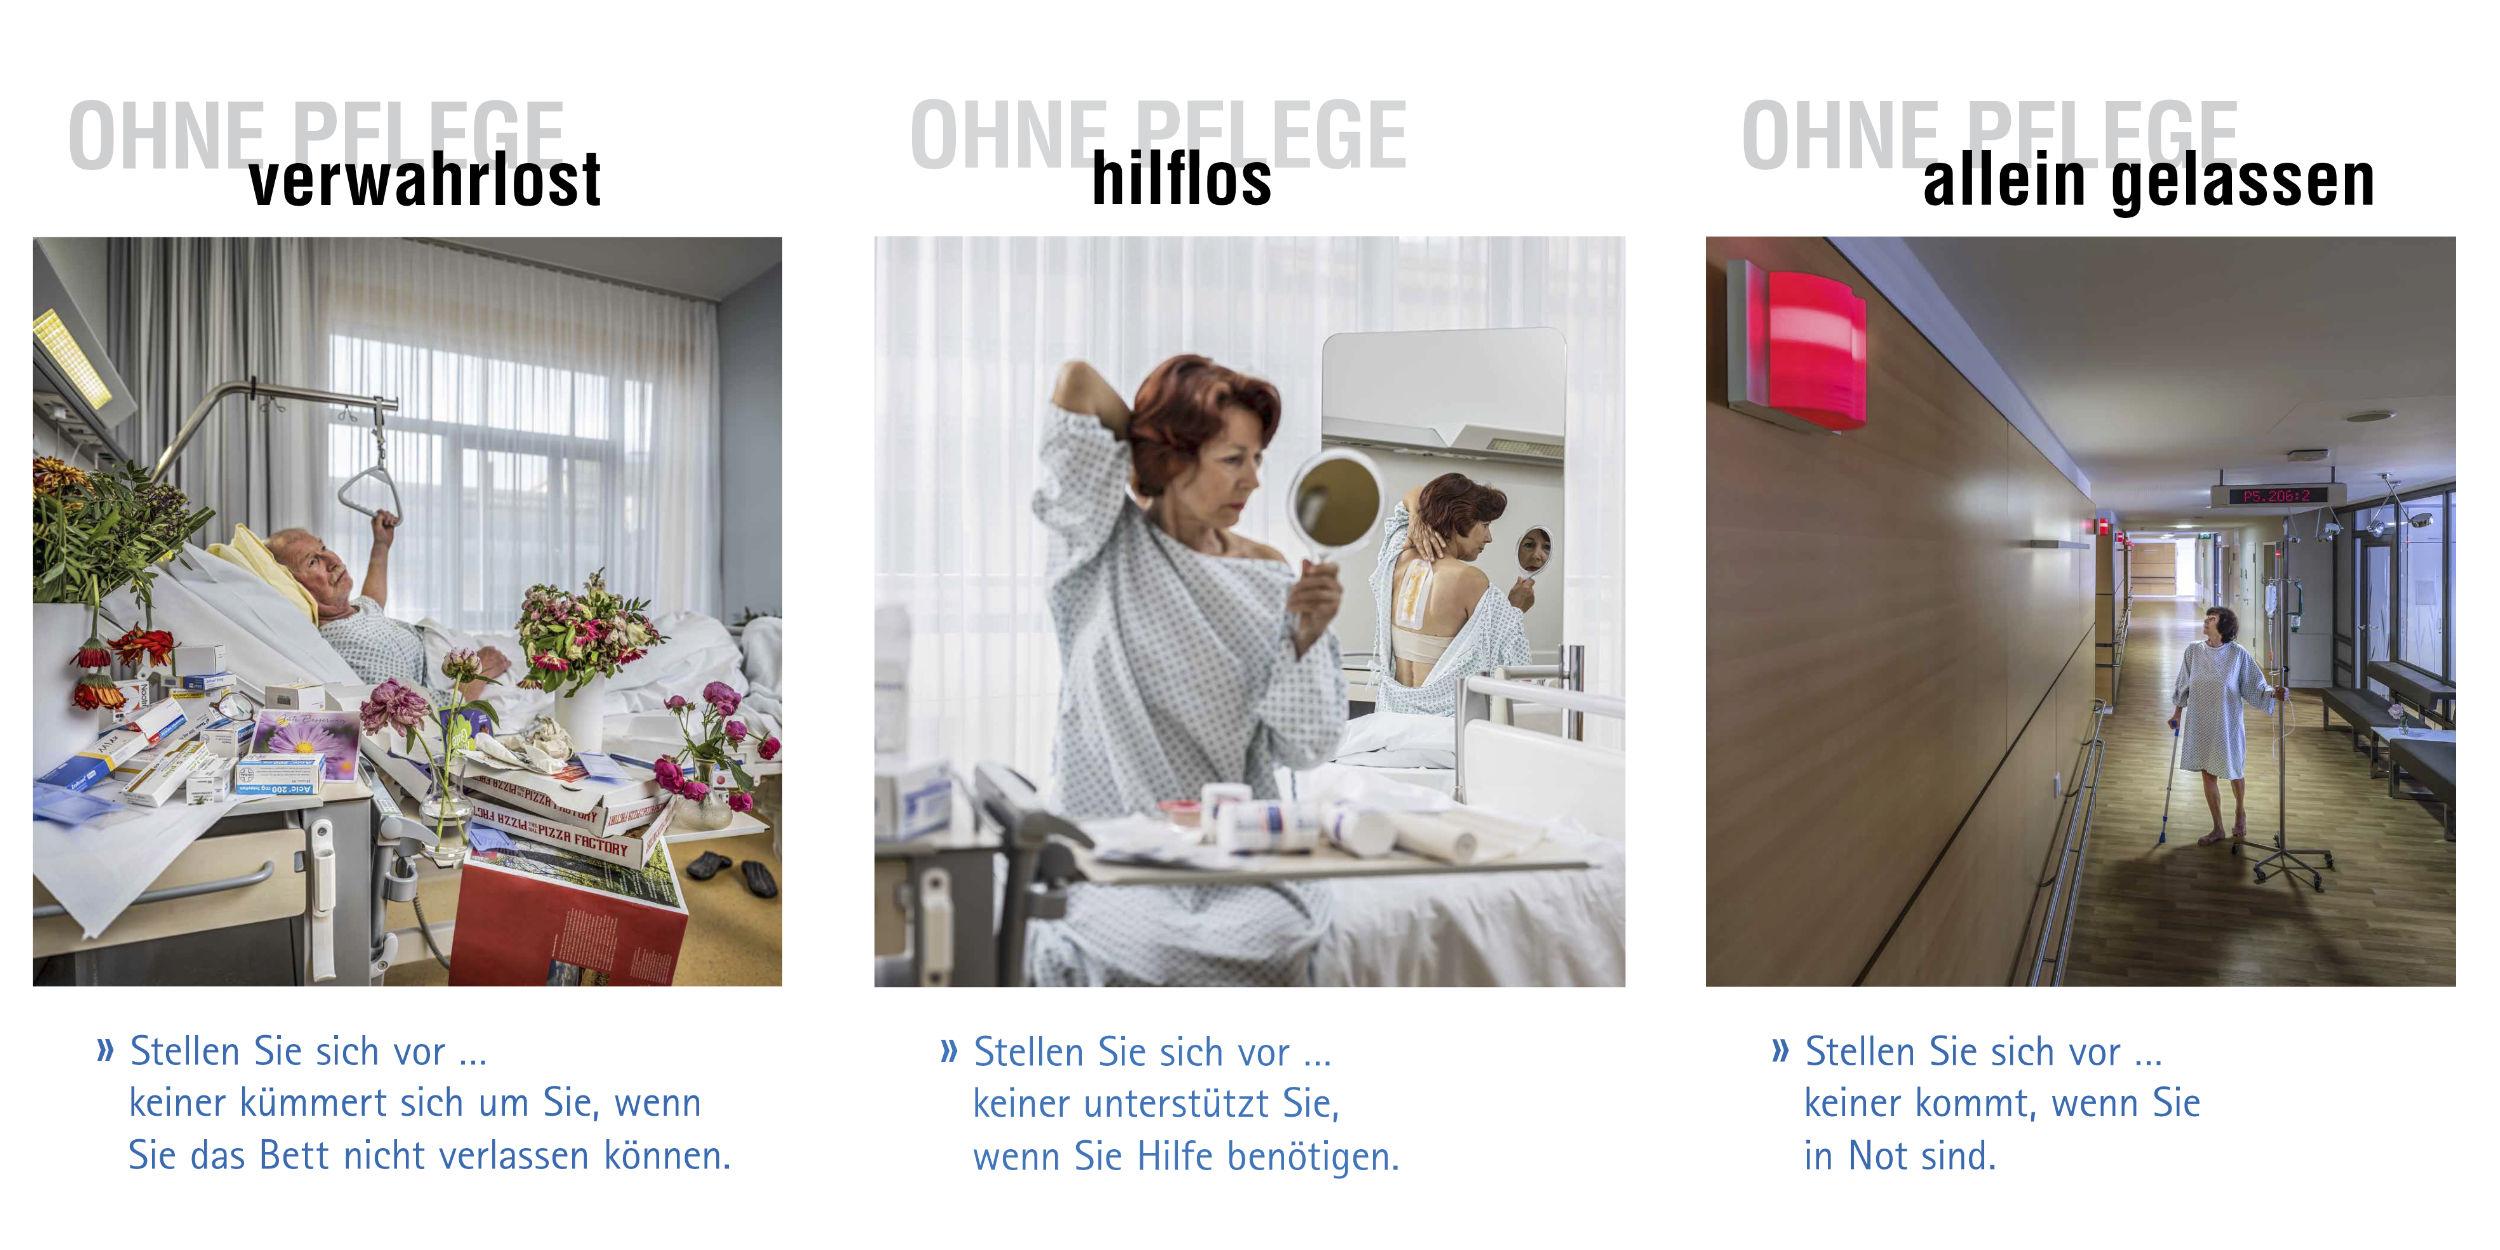 Kampagnen Fotografie Eine Welt Ohne Pflege Diakonie-Klinikum Stuttgart Kampagne Stellen Sie sich vor ... Mann verwahrlost im Bett mit Pizzaschachteln und Medikamenten Frau Hilflos versucht sich selbst zu verbinden Frau steht einsam auf Krankenhaus Flur alle Notruf Lampen sind auf Rot